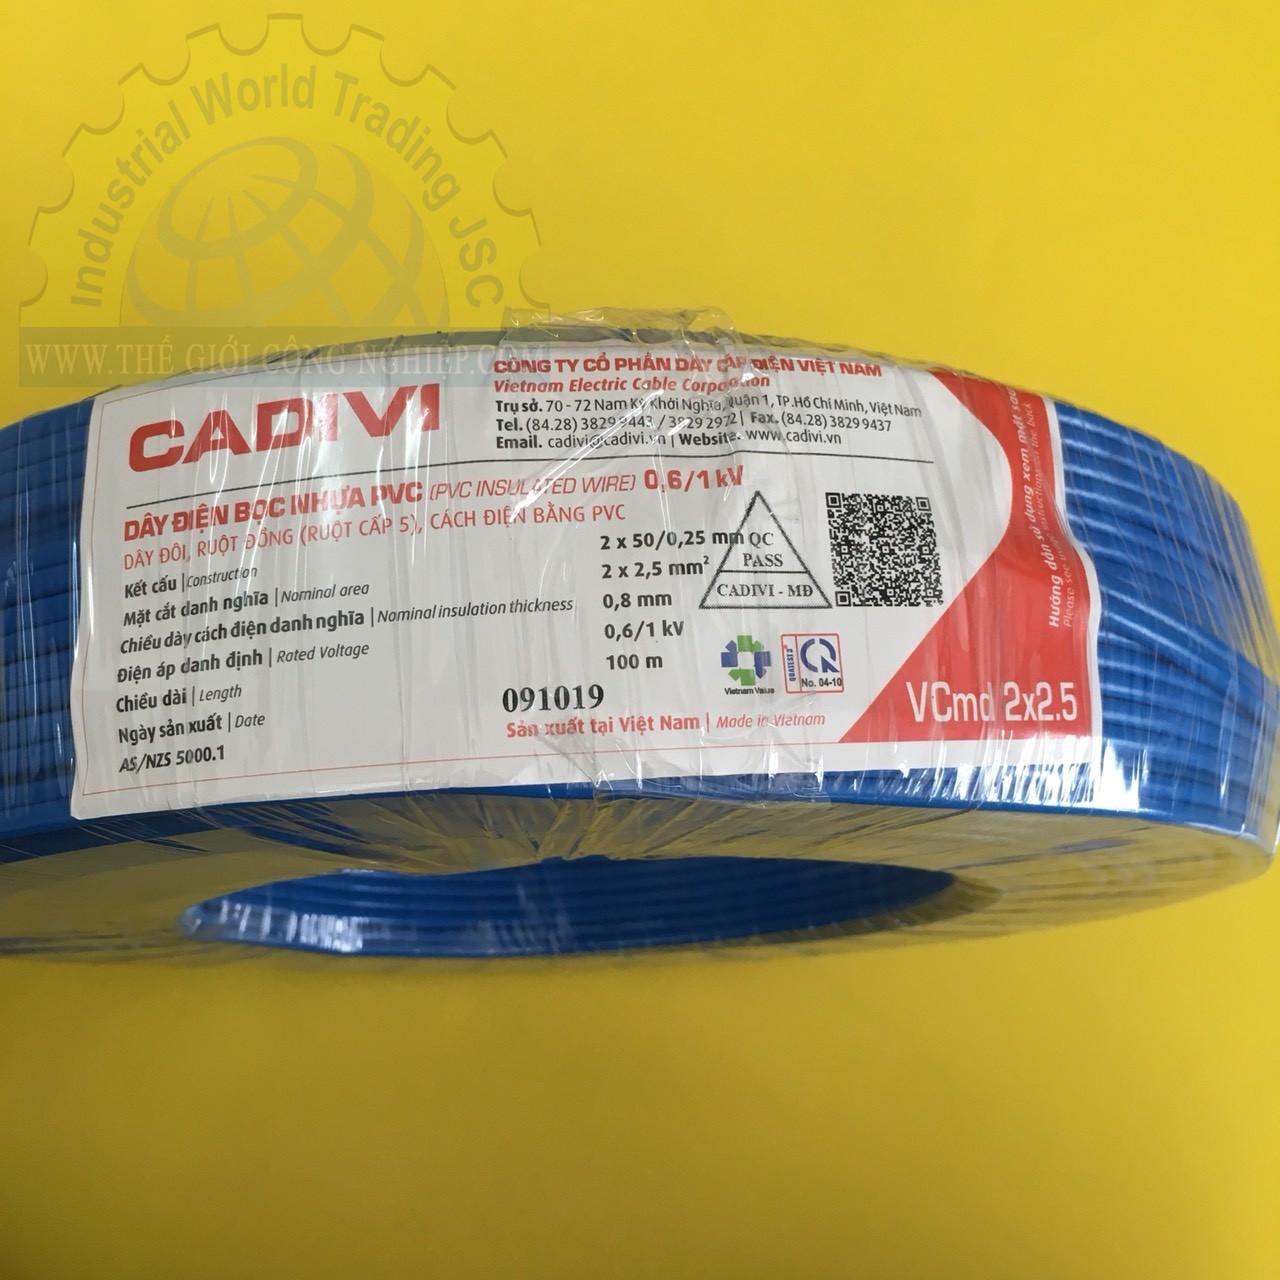 Dây điện đôi mềm dẹt ruột đồng bọc nhựa pvc vcmd 2x2.5  10230000250000 MÀU XANH DƯƠNG (MÉT) CADIVI